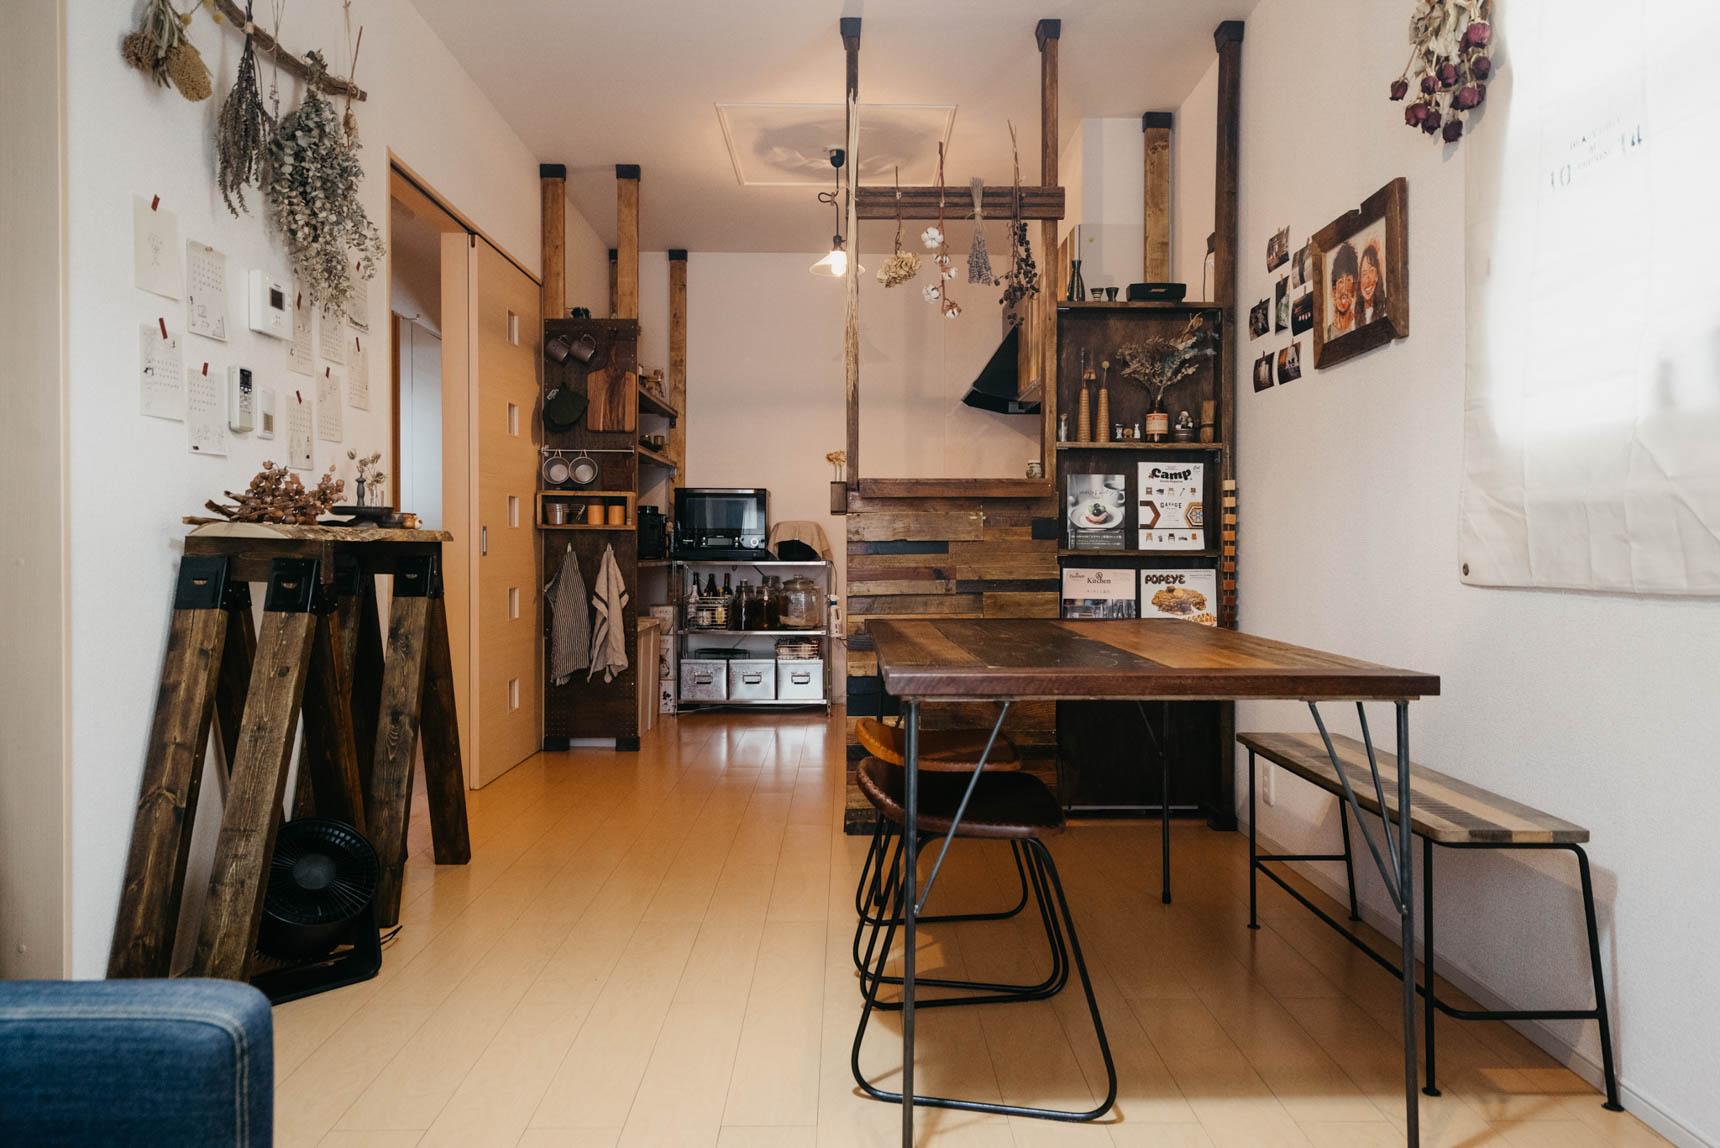 いい風合いの木材で作られた、キッチンカウンター、収納、ダイニングテーブル。